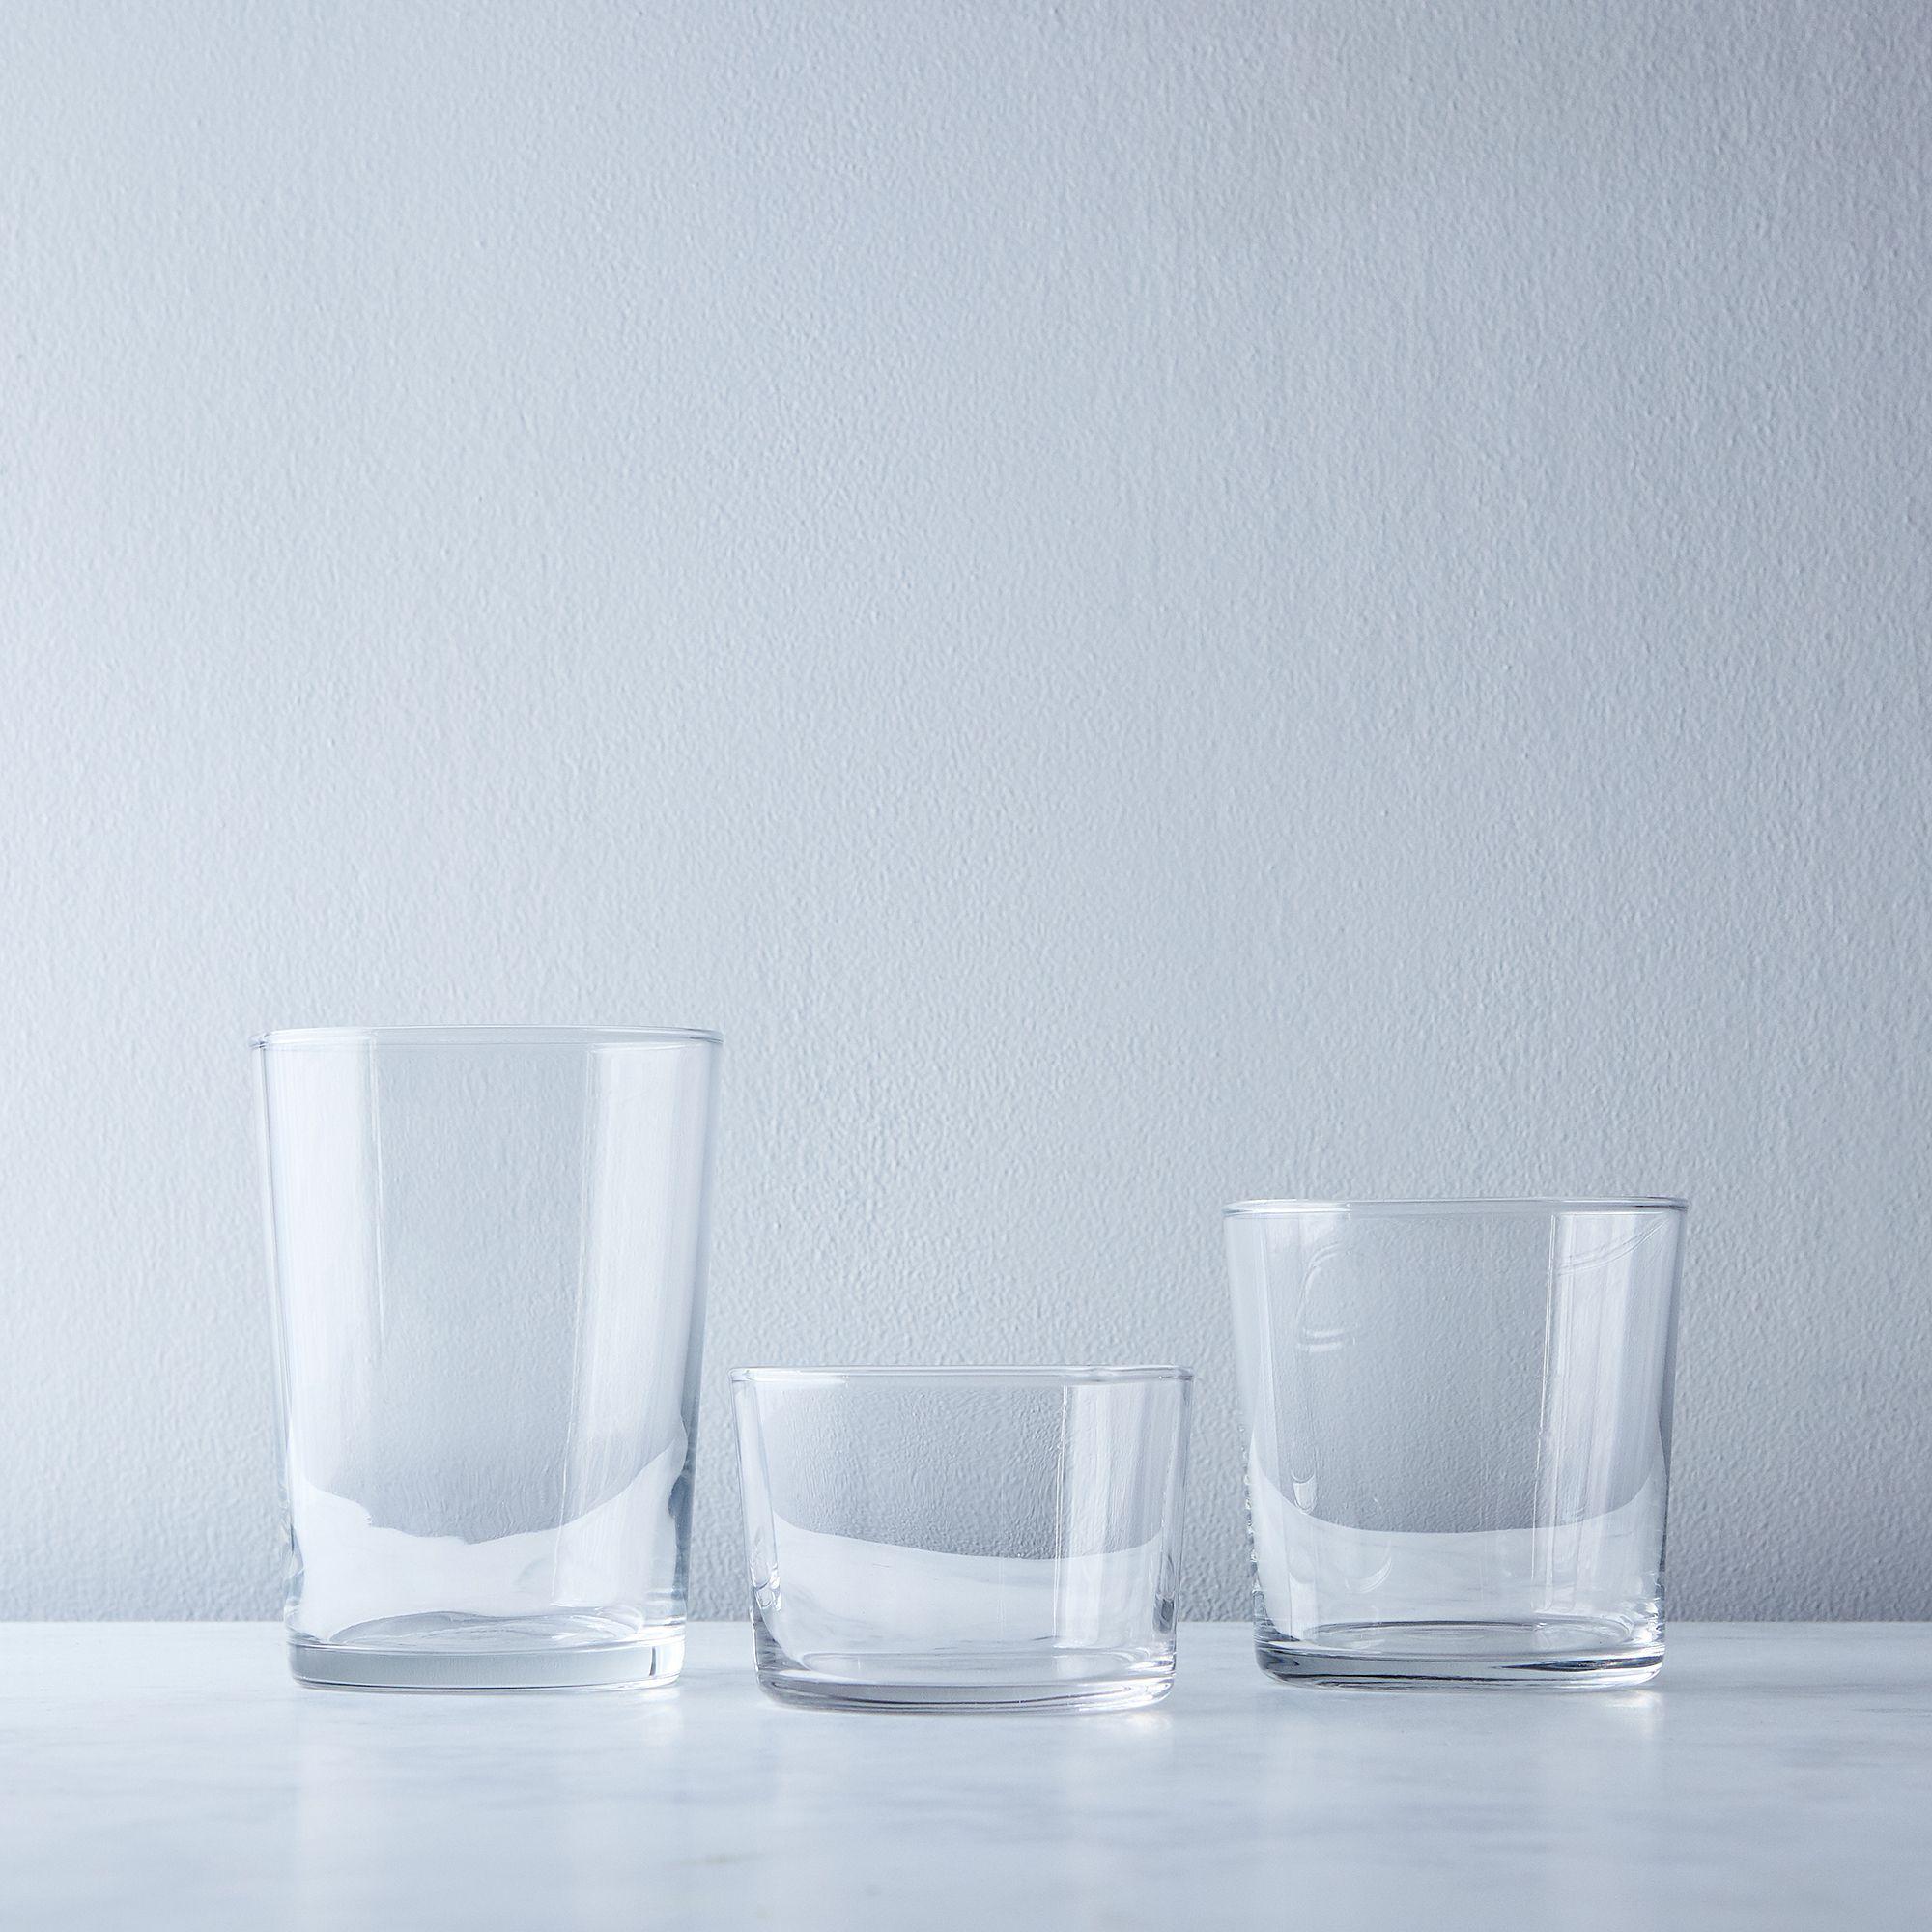 Bodega Glasses.jpg